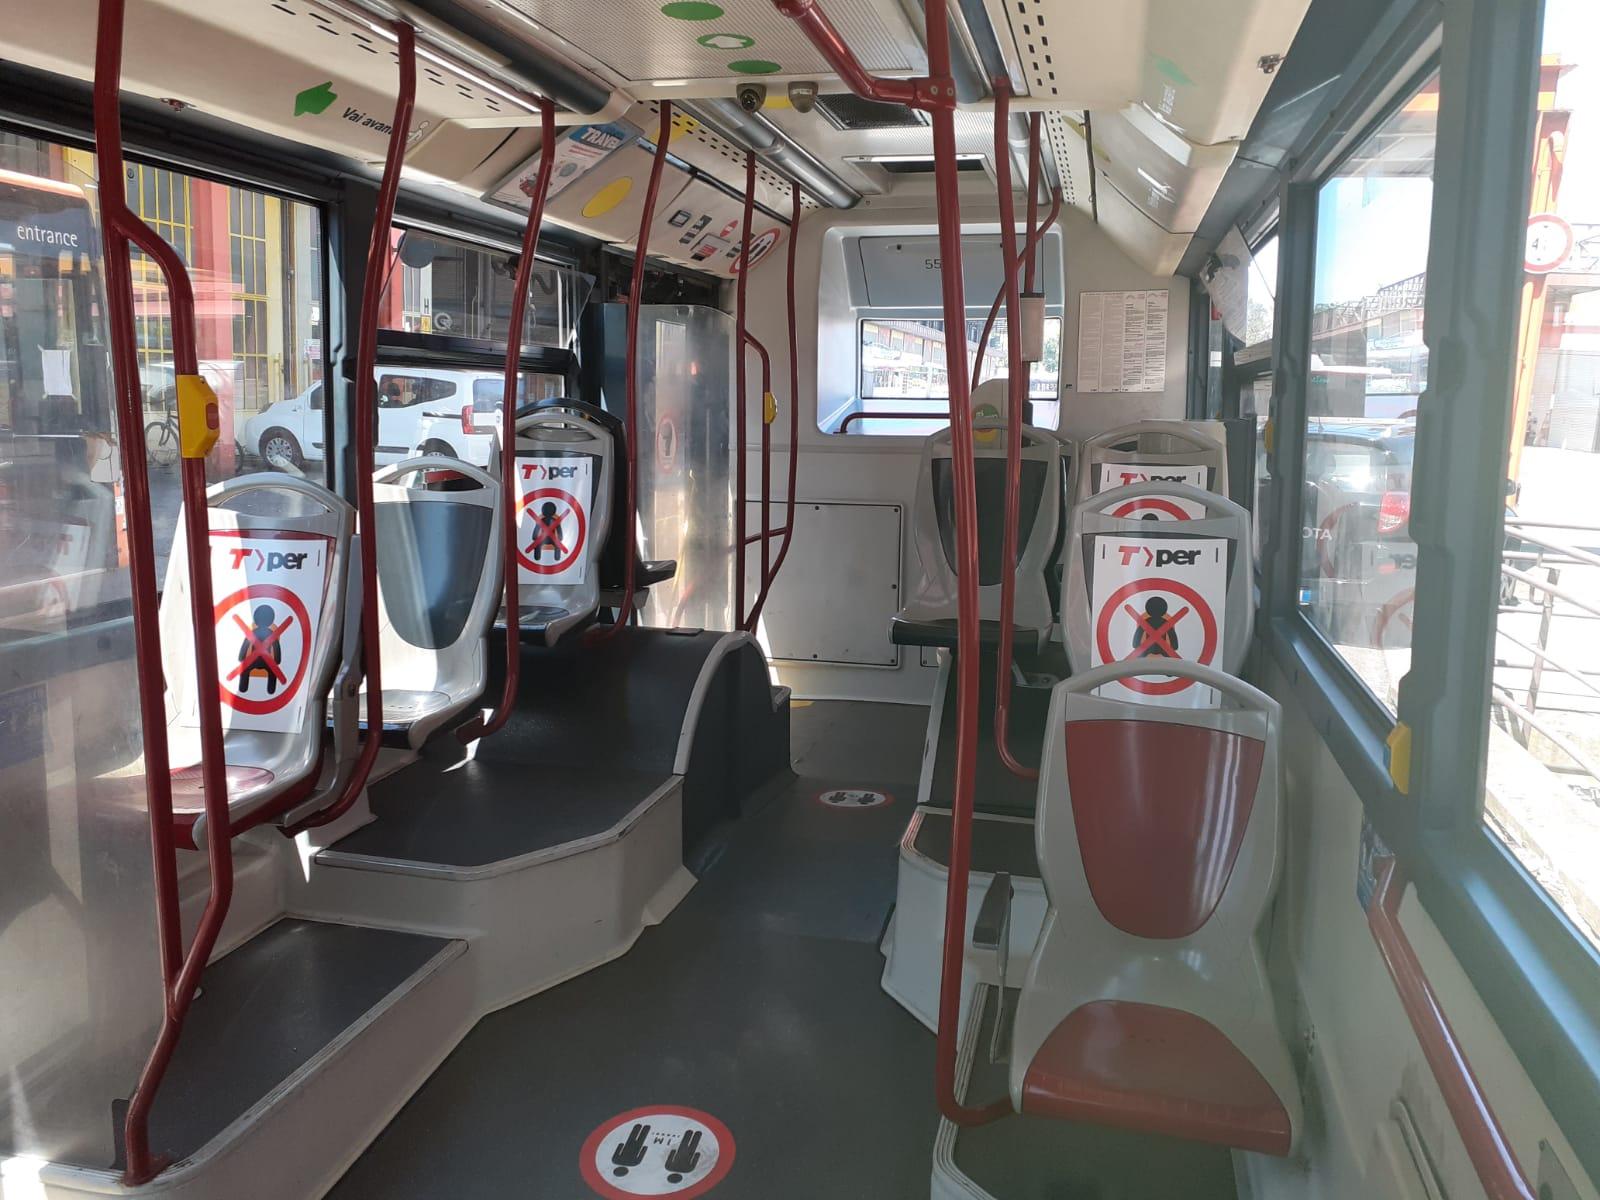 Cartelli-posti-non-disponibili-bordo-bus-fase-2